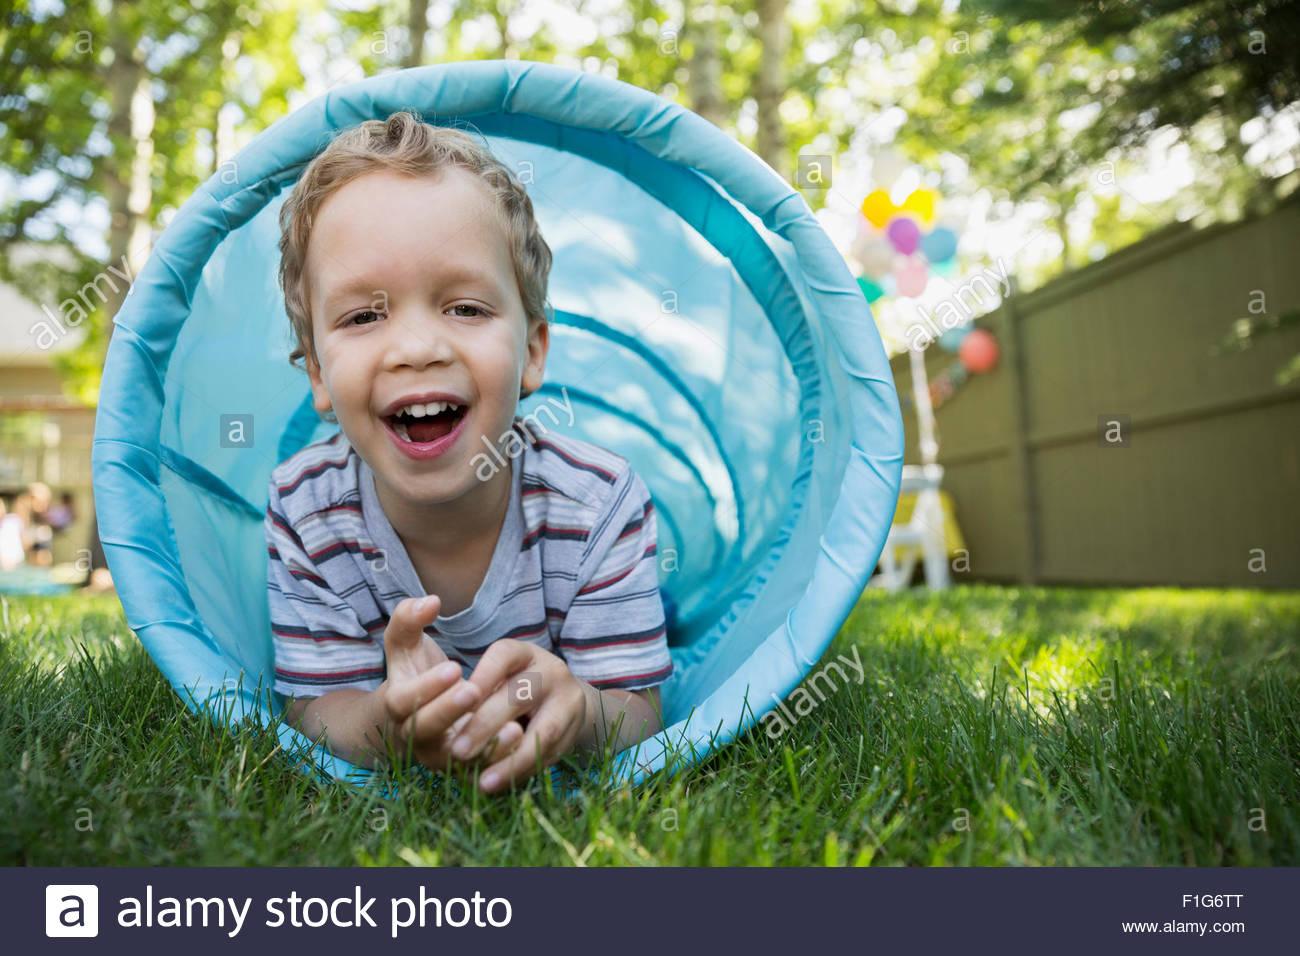 El retrato Niño sonriente en el patio interior del túnel de juguete Imagen De Stock